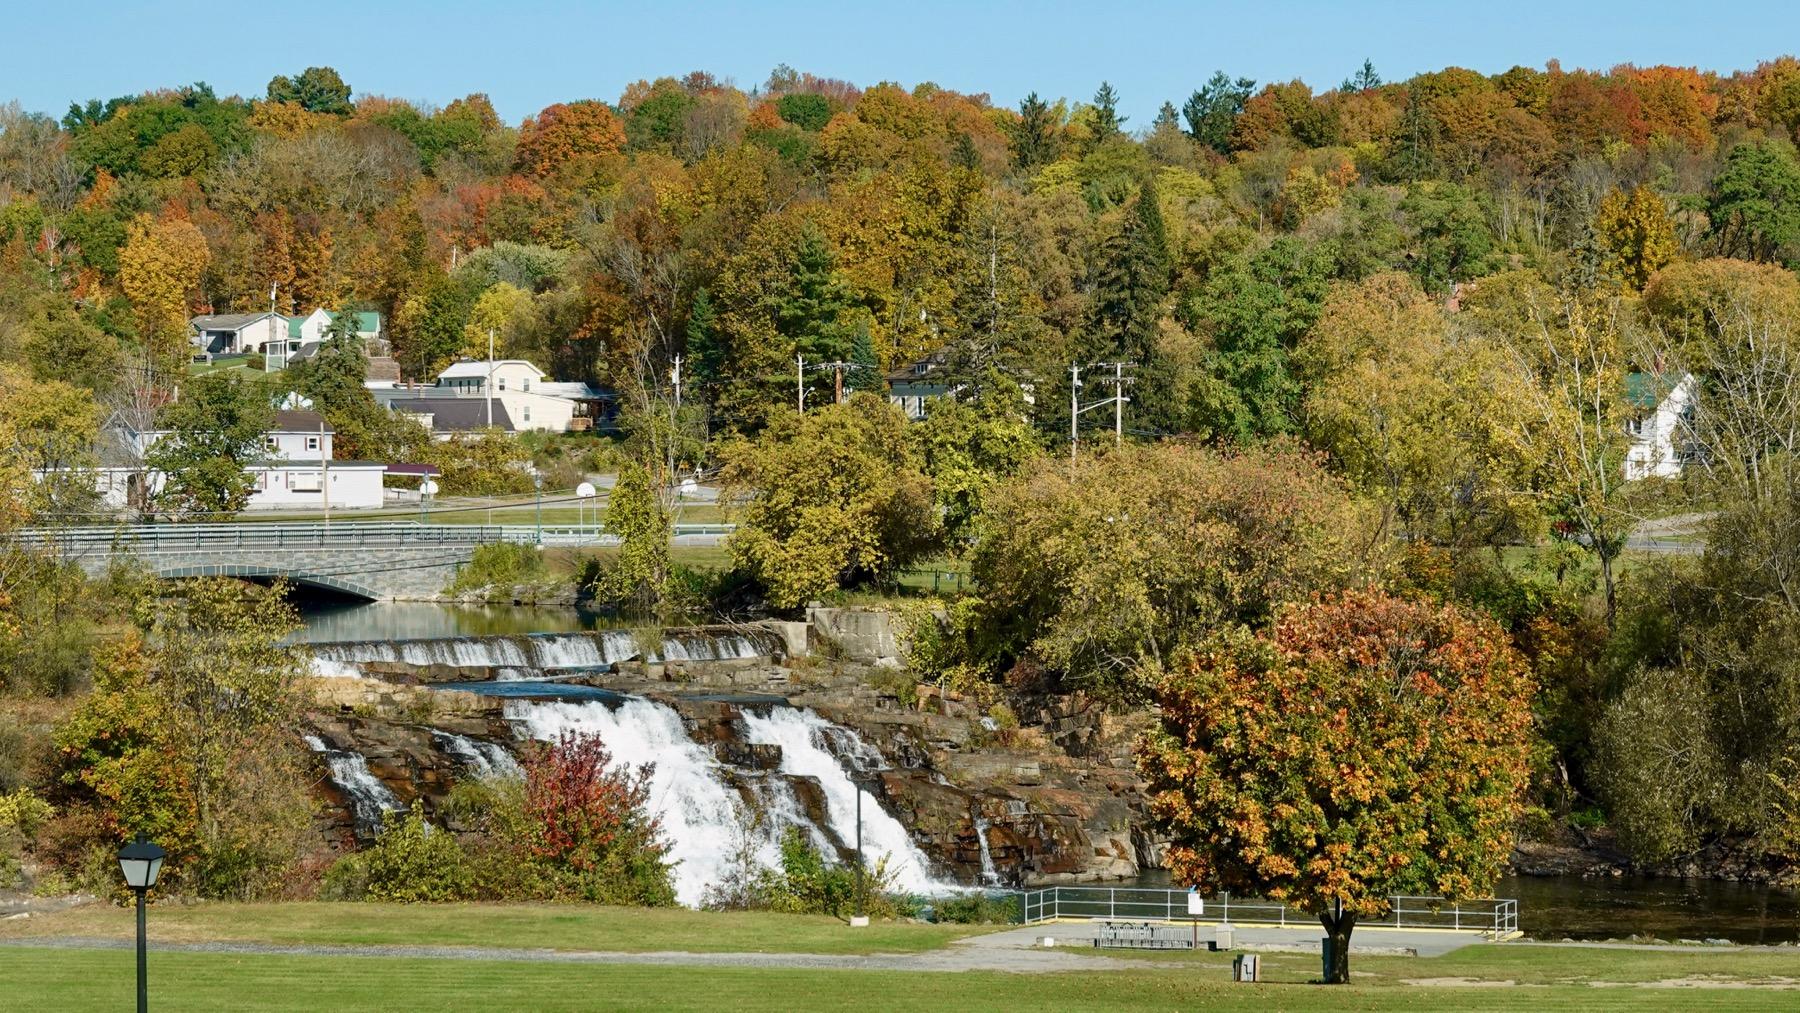 Ticonderoga mill dam